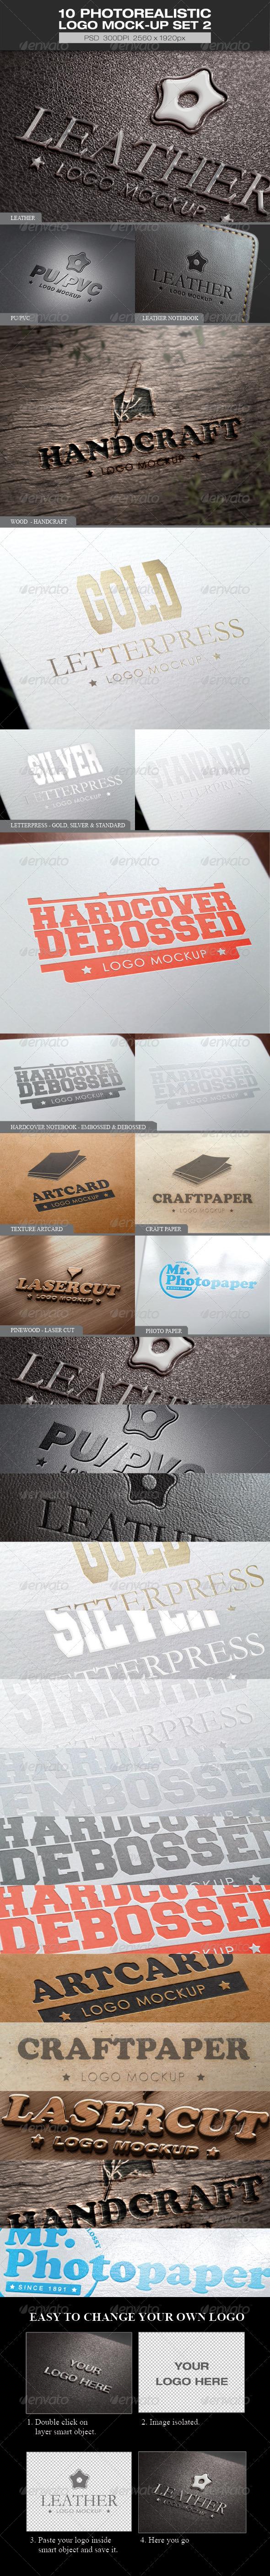 10 Photorealistic Logo Mock-up Set 2 - Logo Product Mock-Ups